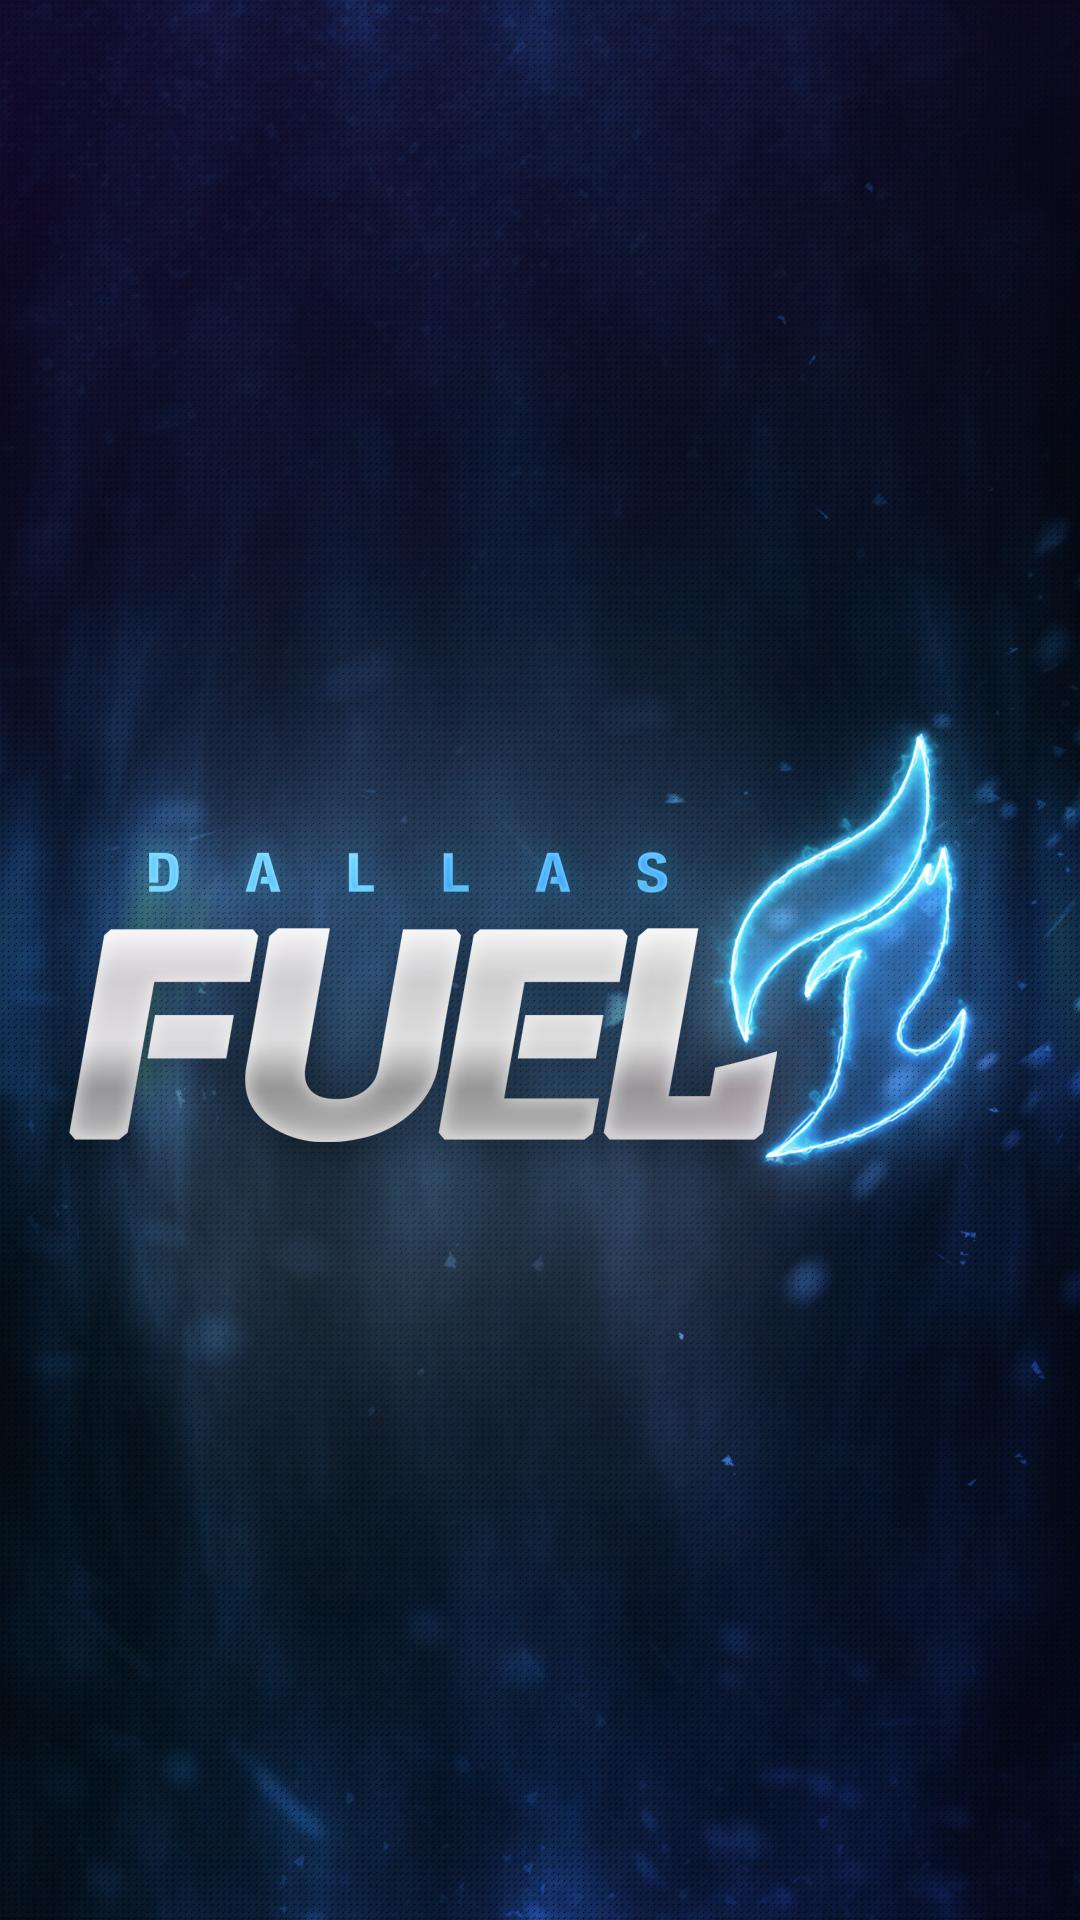 Wallpaper Overwatch League Dallas Fuel E Sports 1080x1920